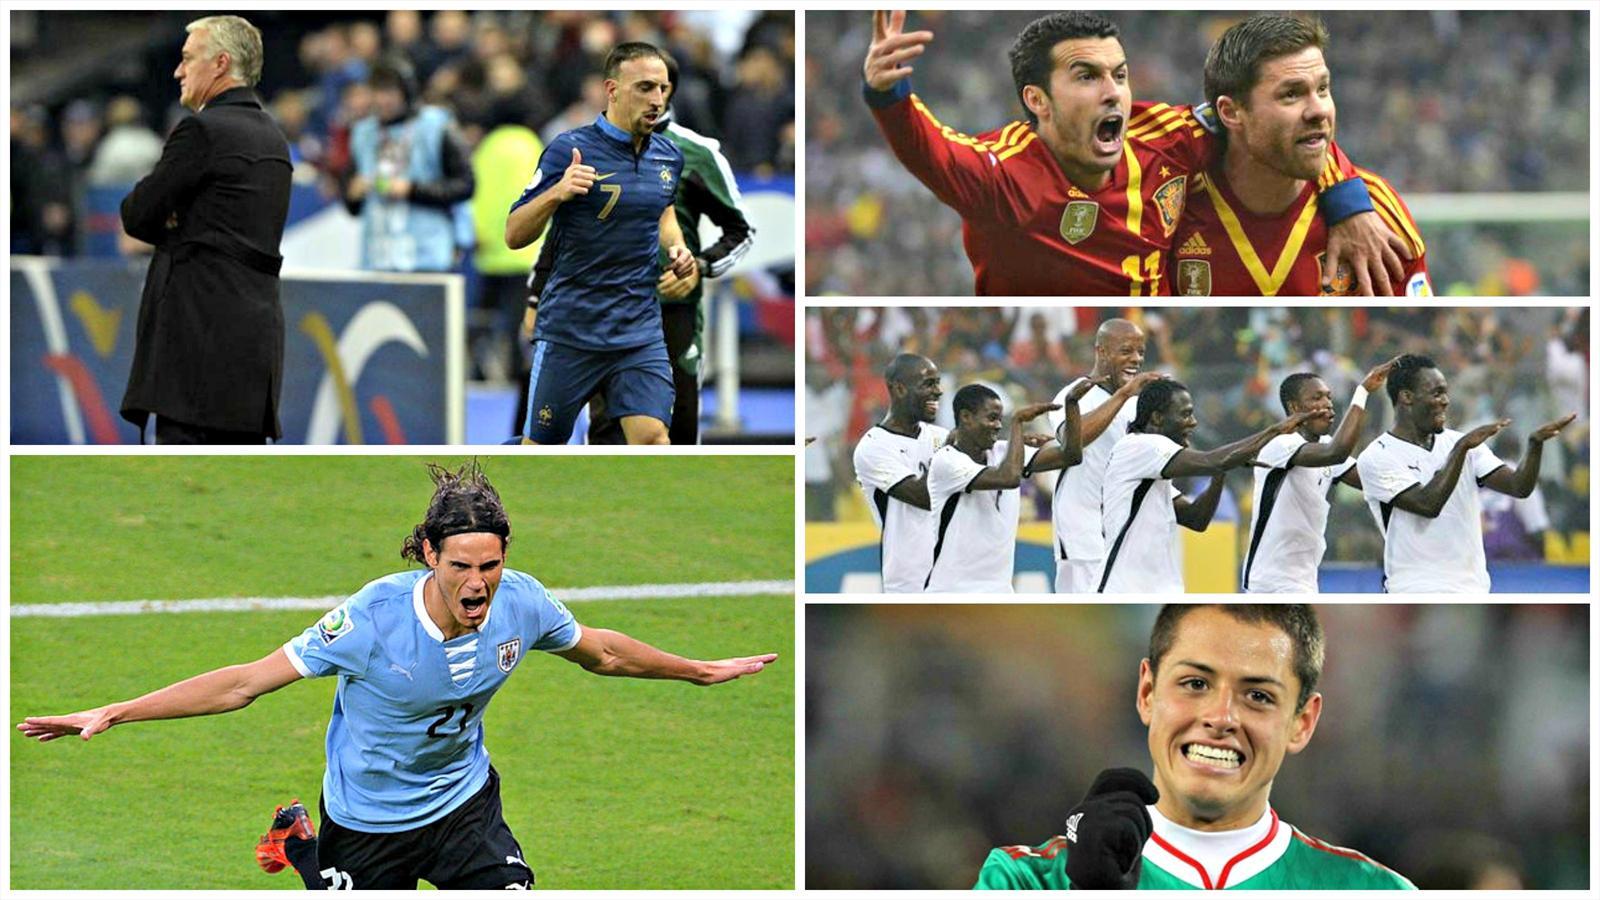 Qualifications mondial 2014 748 joueurs 34 matches de - Qualification coupe de monde afrique ...